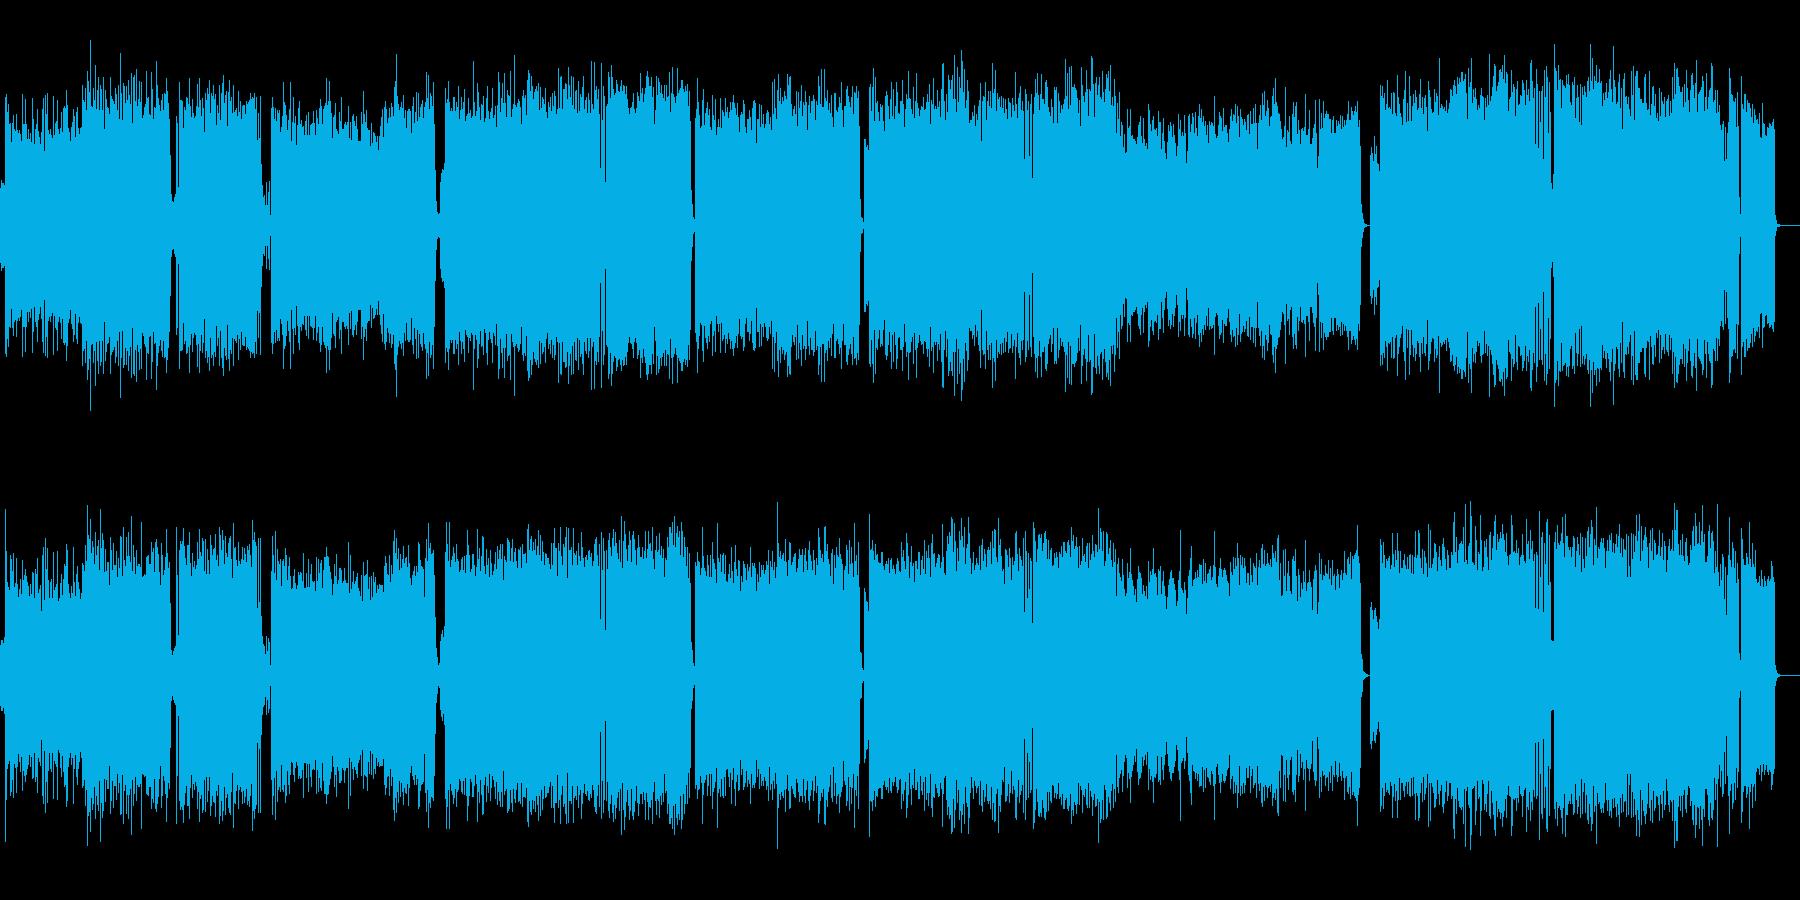 木星_イケイケなユーロビートアレンジの再生済みの波形